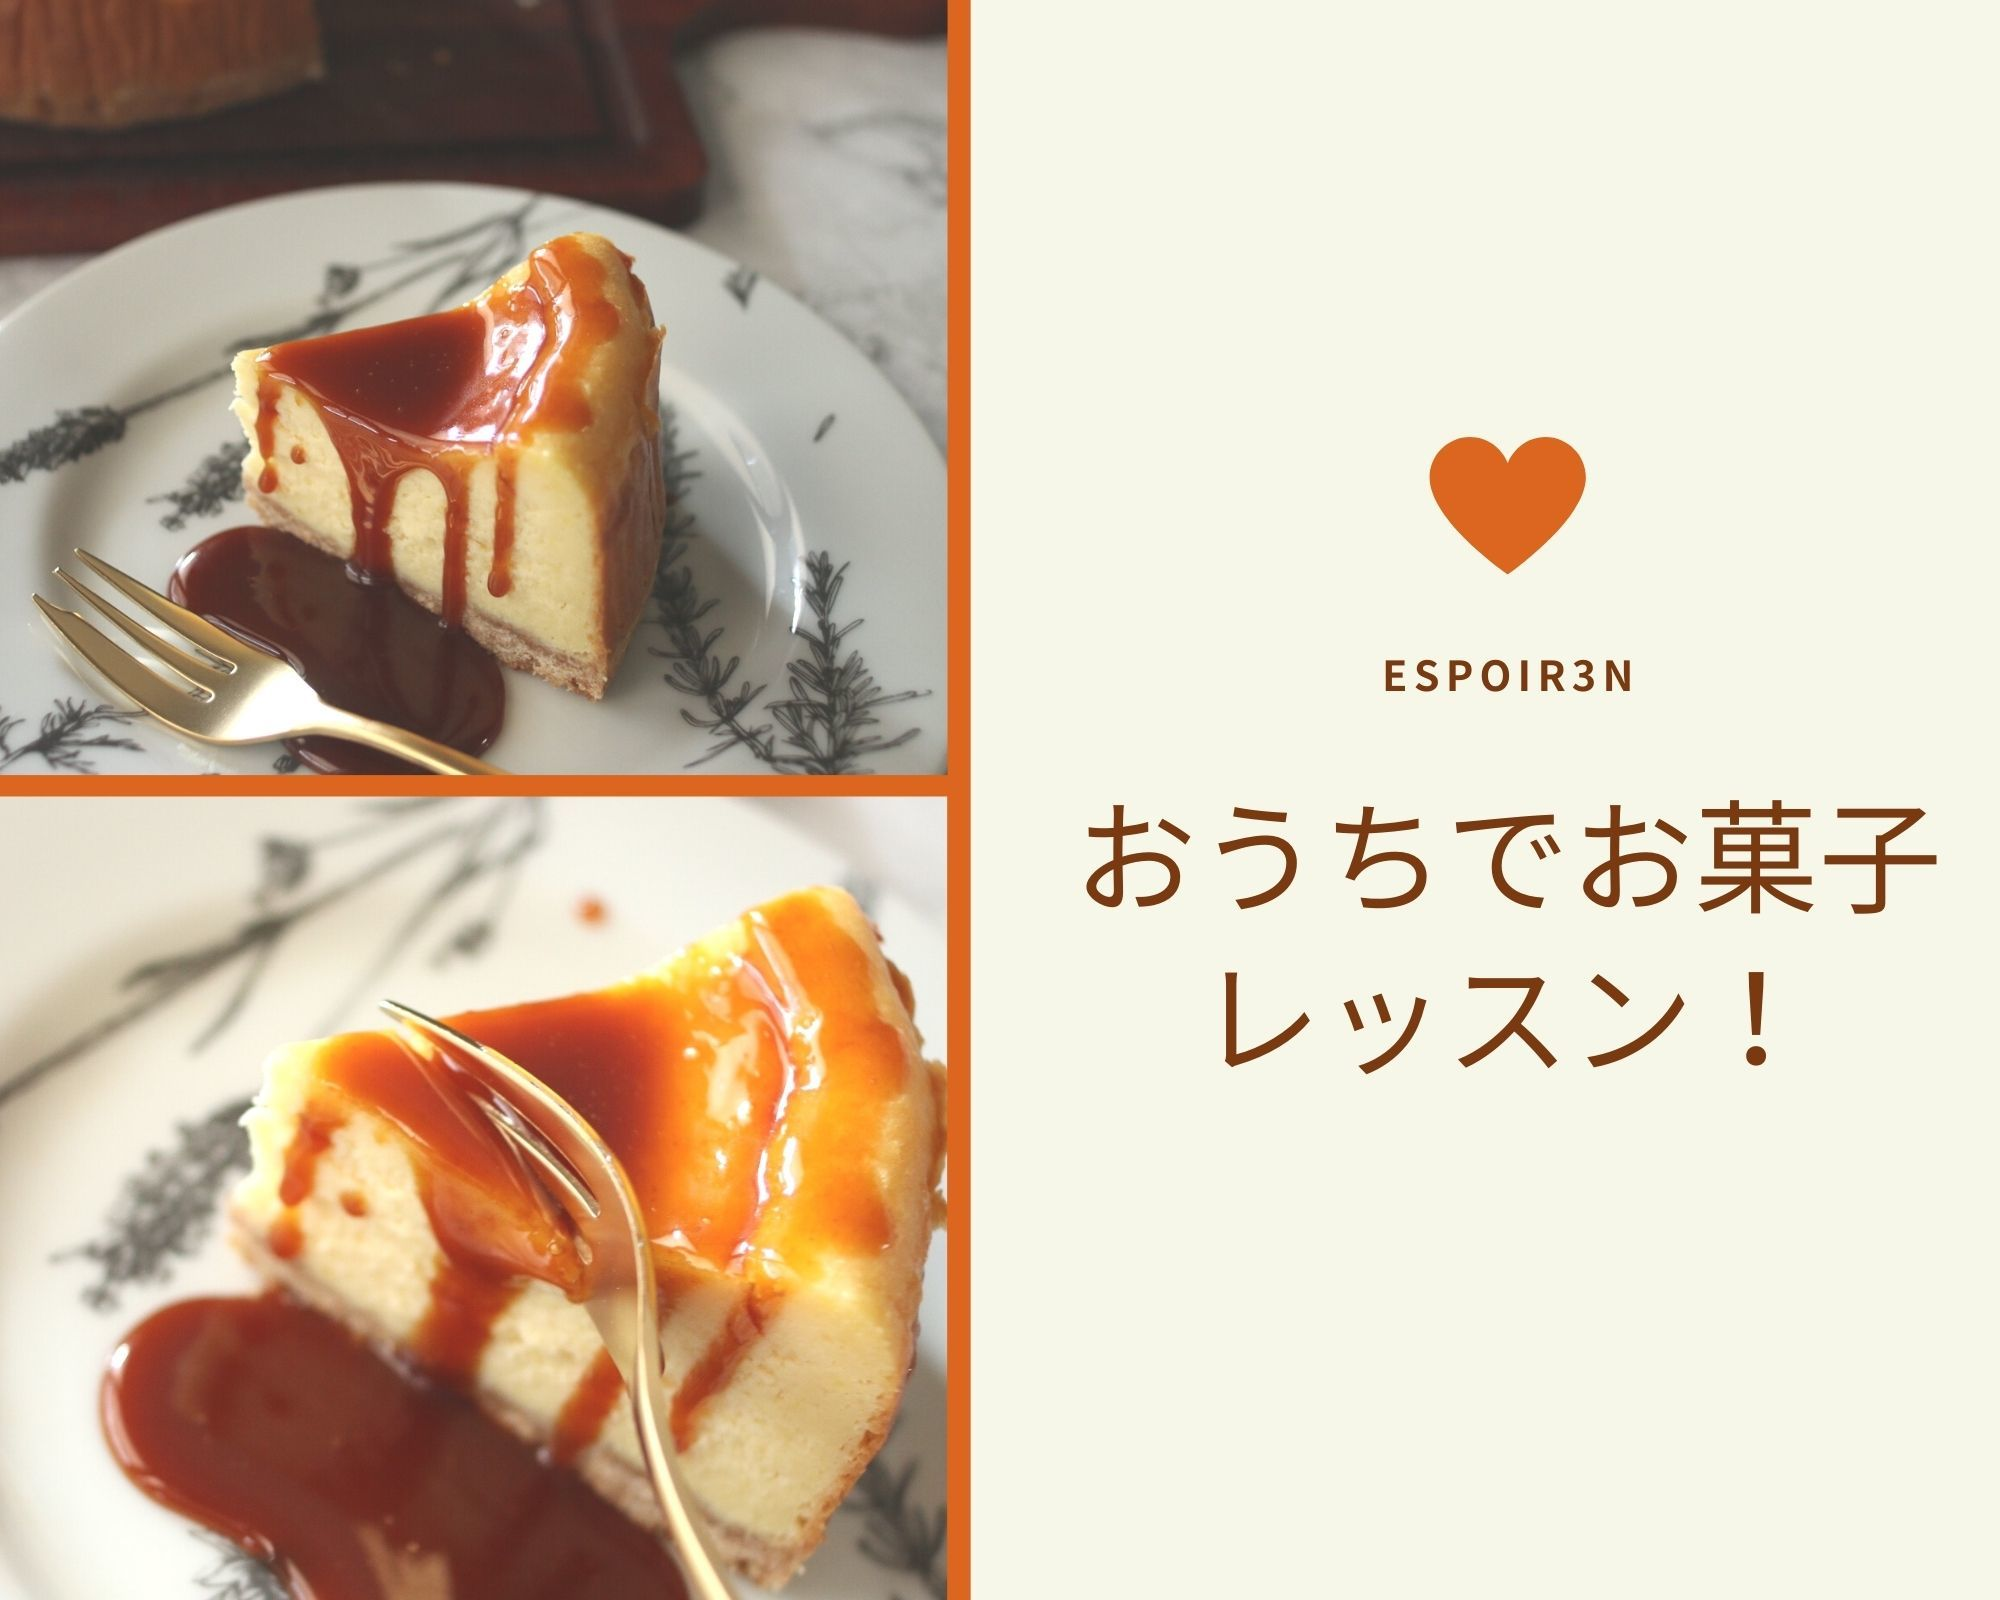 募集はじめます。おうちで気軽にお菓子レッスン9月「紅はるかのチーズケーキ&キャラメルソースがけ」_c0162653_16043540.jpg